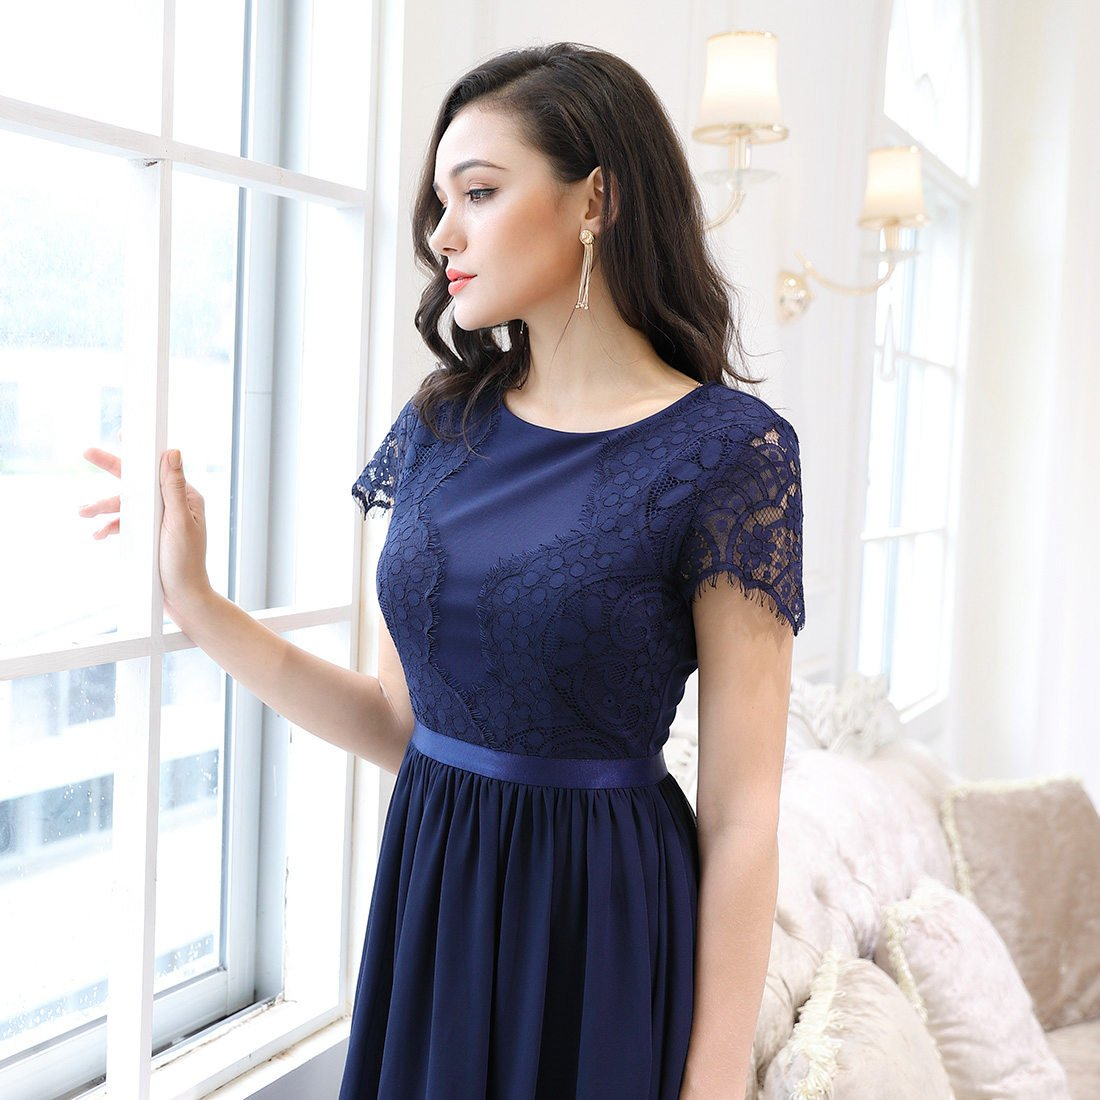 81c27a693505 Knitee Robe Année 50 Rétro Vntage Robe de soirée Femme - Bleu Marine -  Taille XX-Large  Amazon.fr  Vêtements et accessoires